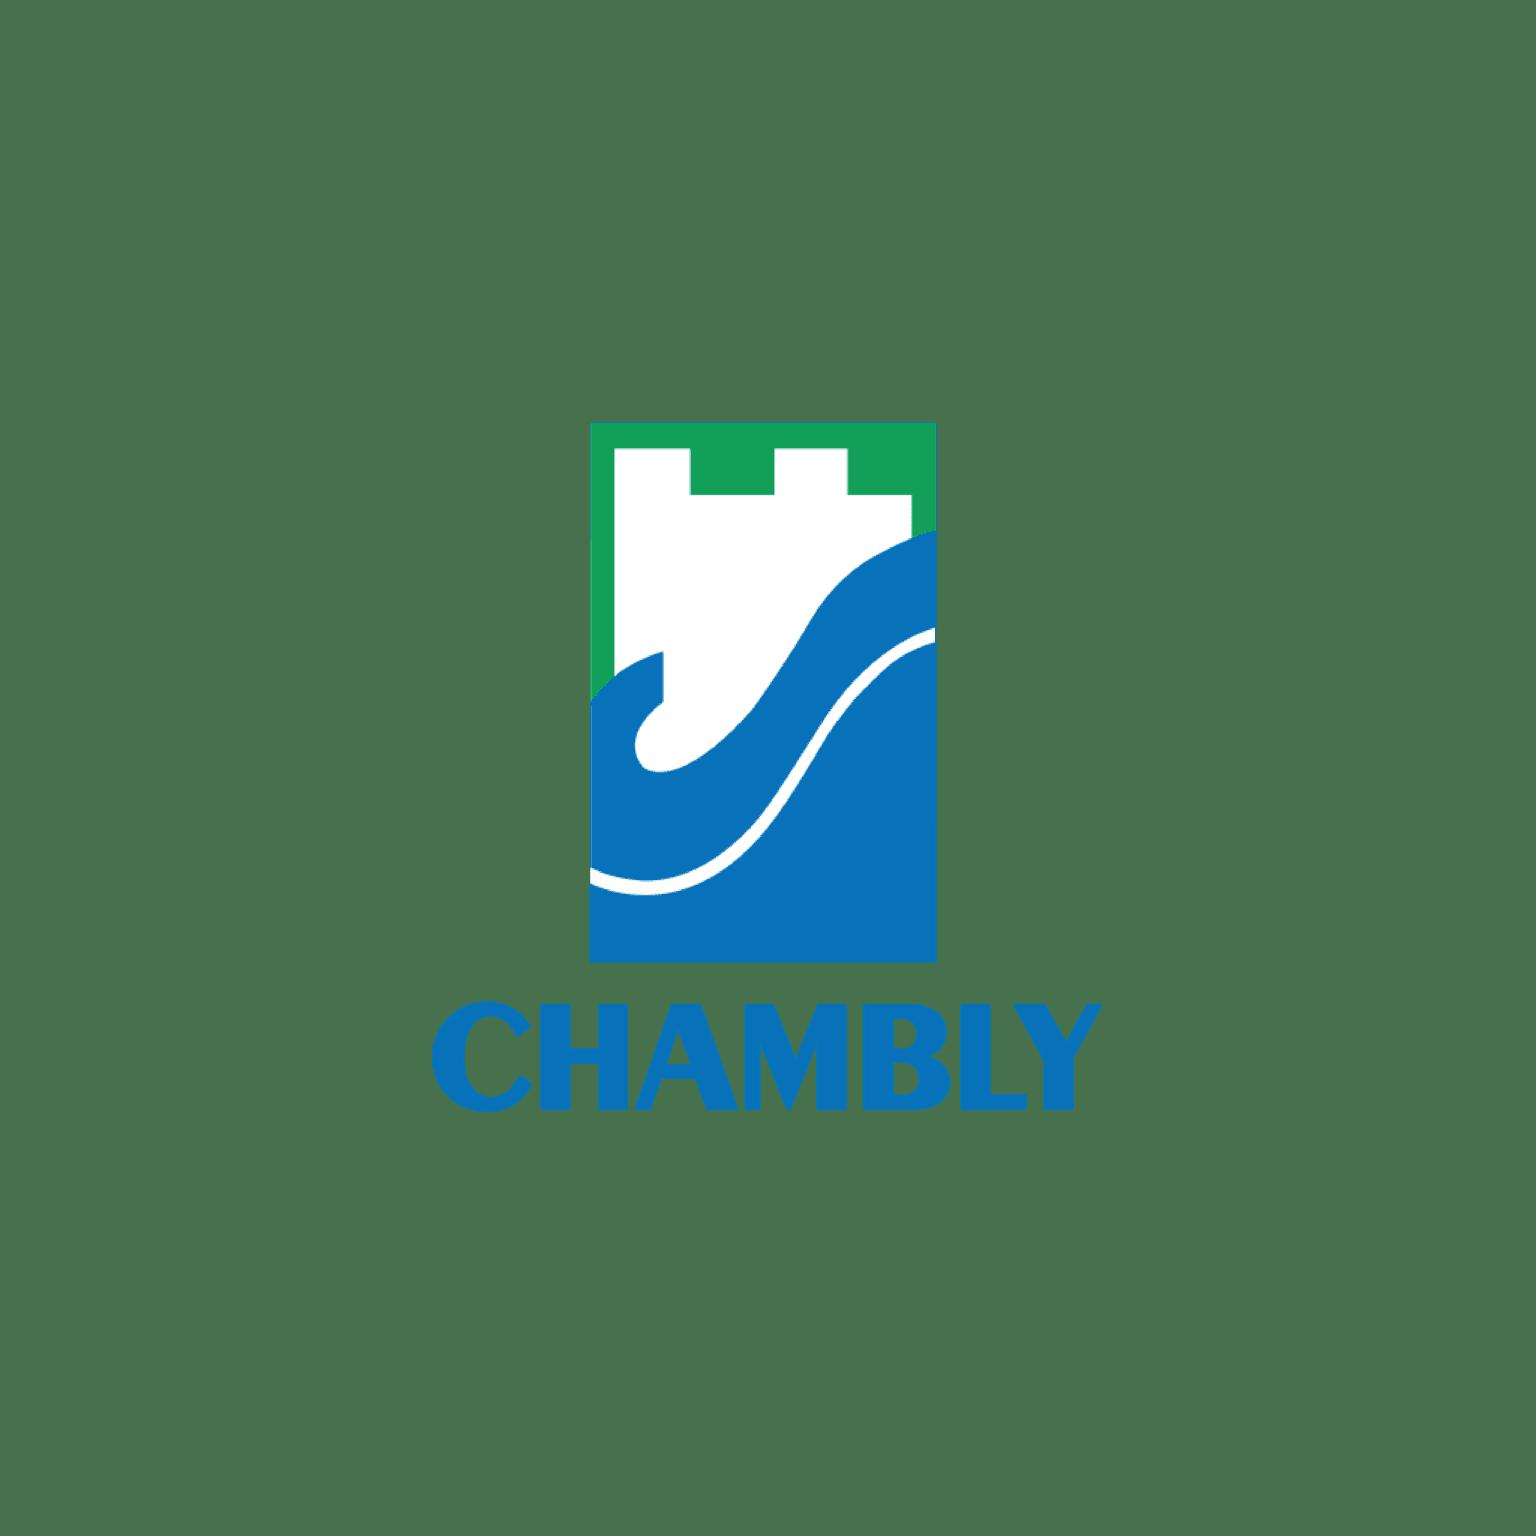 VilleChambly